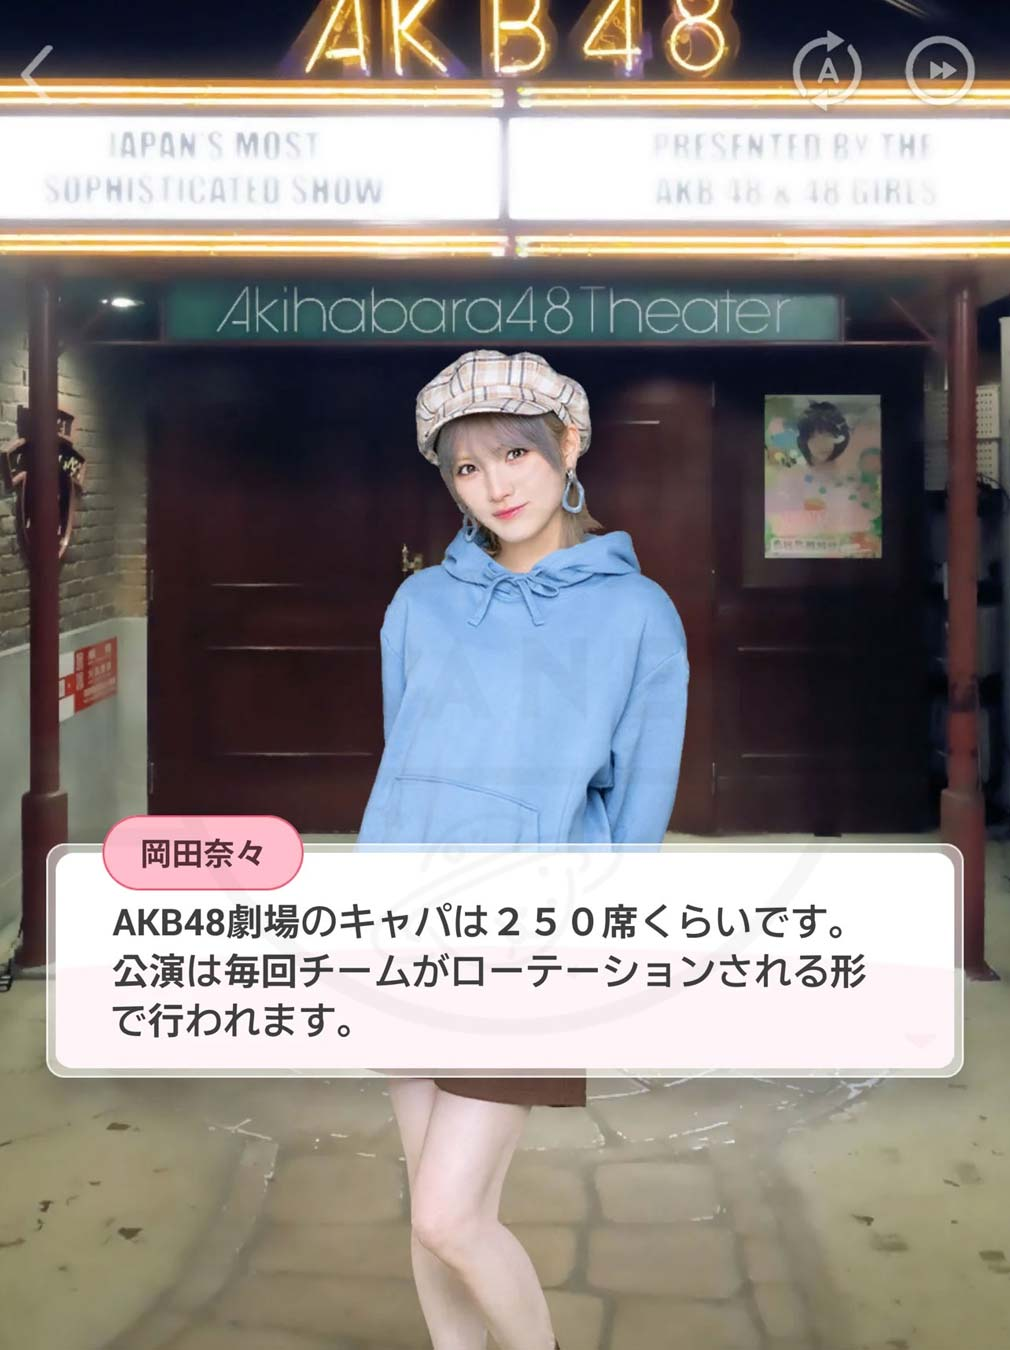 AKB48 WORLD メンバーとのコミュニケーションが楽しめるスクリーンショット